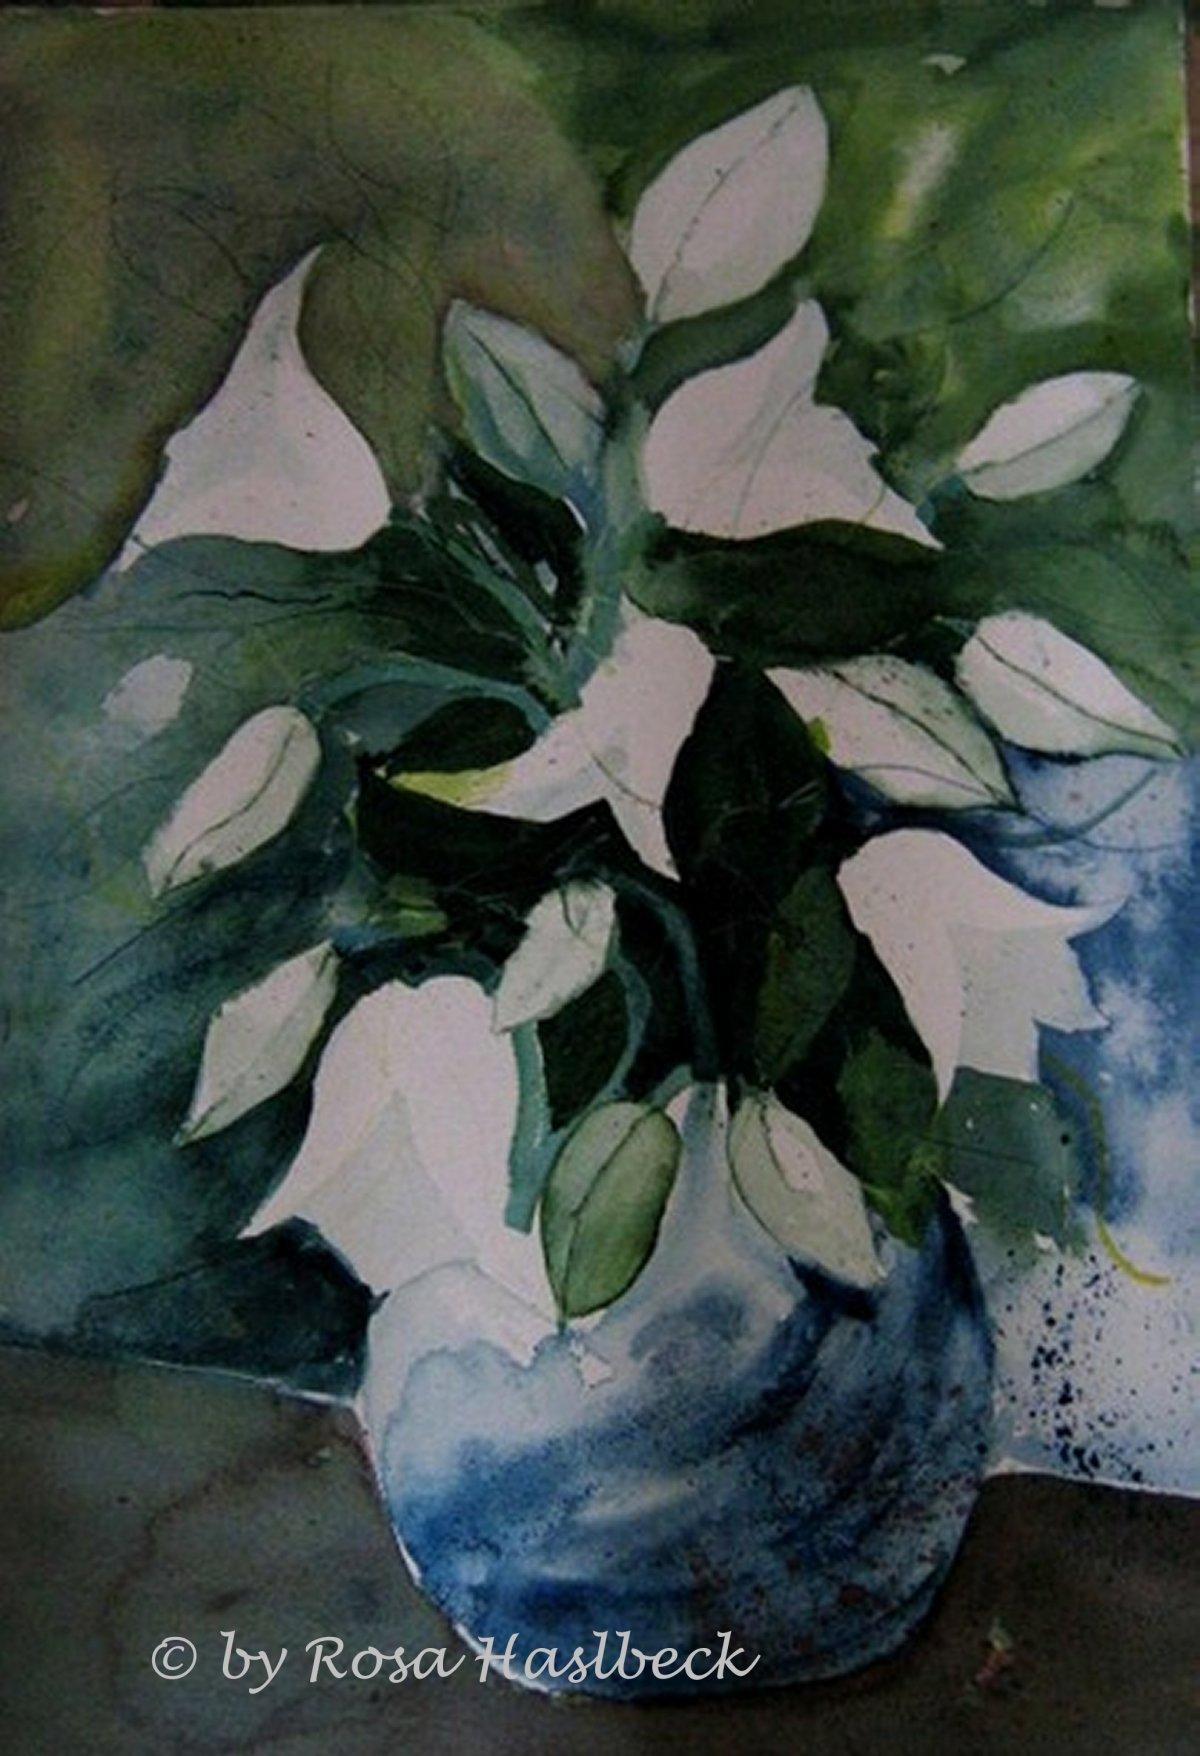 aquarell, blumenaquarell, blumen, weiße blumen, weiß, malerei, malen, kunst, bild, dekoration, wandbild, handgemalt, art,aquarell kaufen, kunst kaufen, bild kaufen